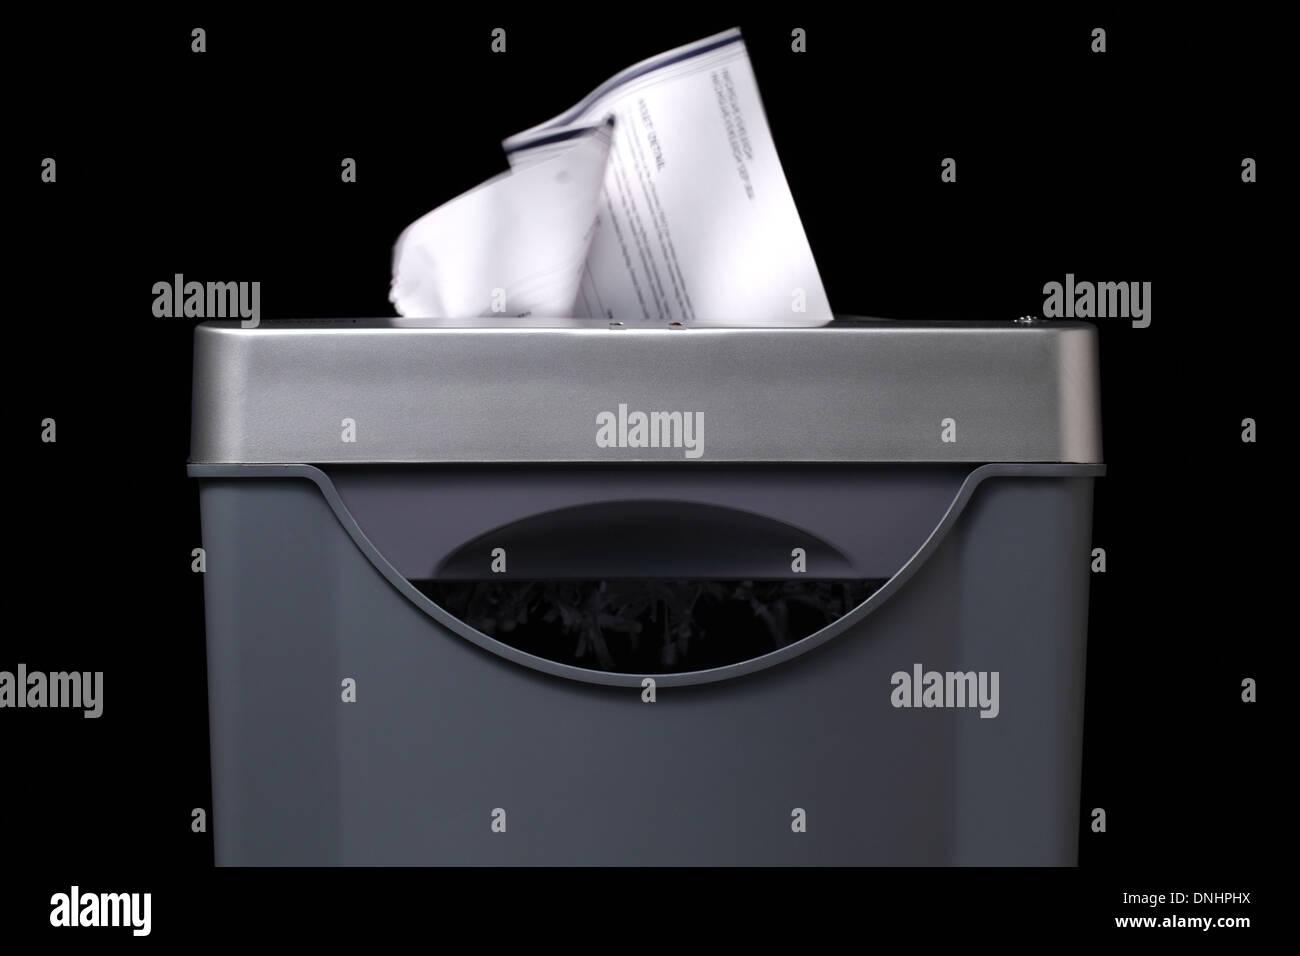 Une vue rapprochée d'une déchiqueteuse de papier allant à l'intérieur. Banque D'Images